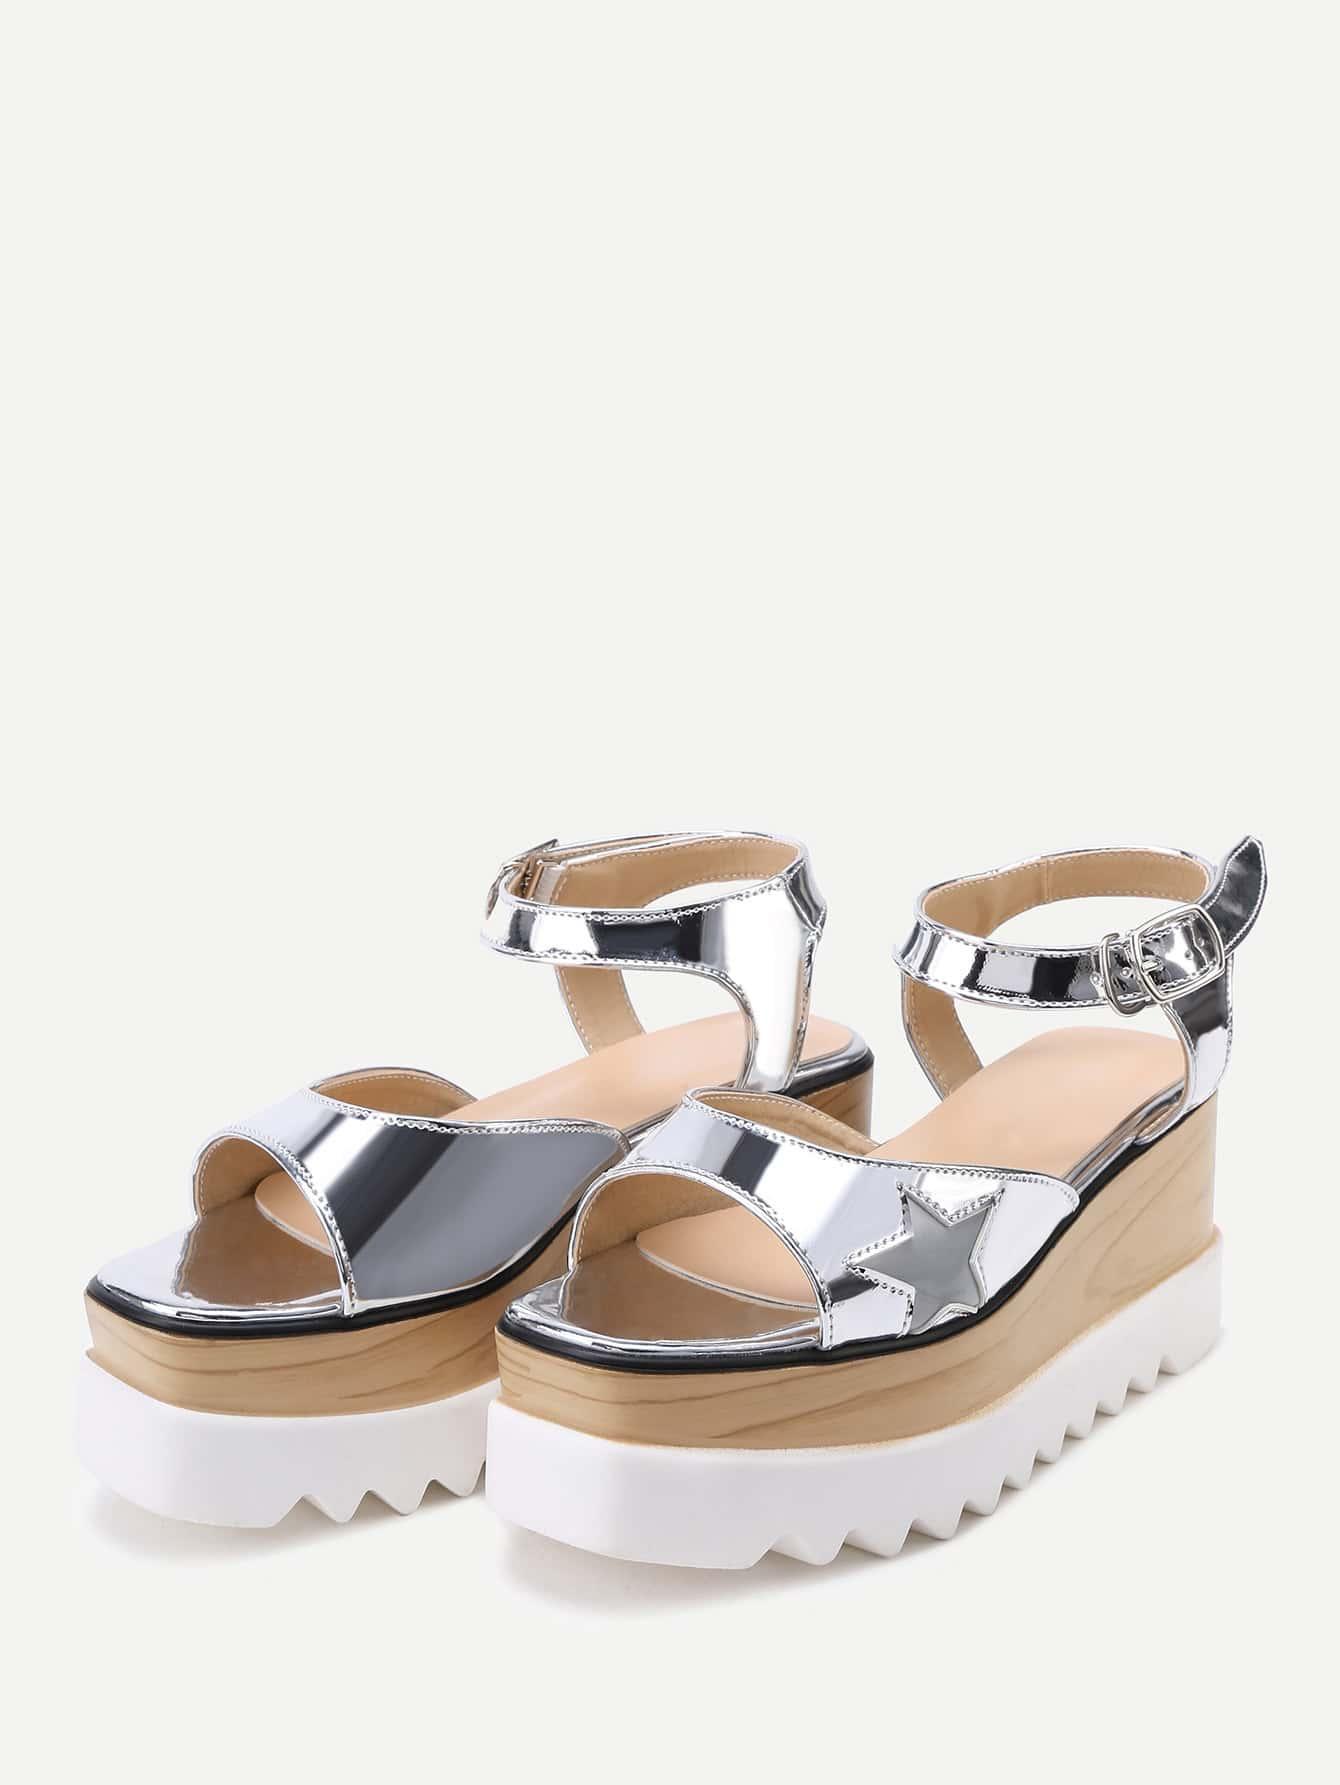 shoes170411802_2